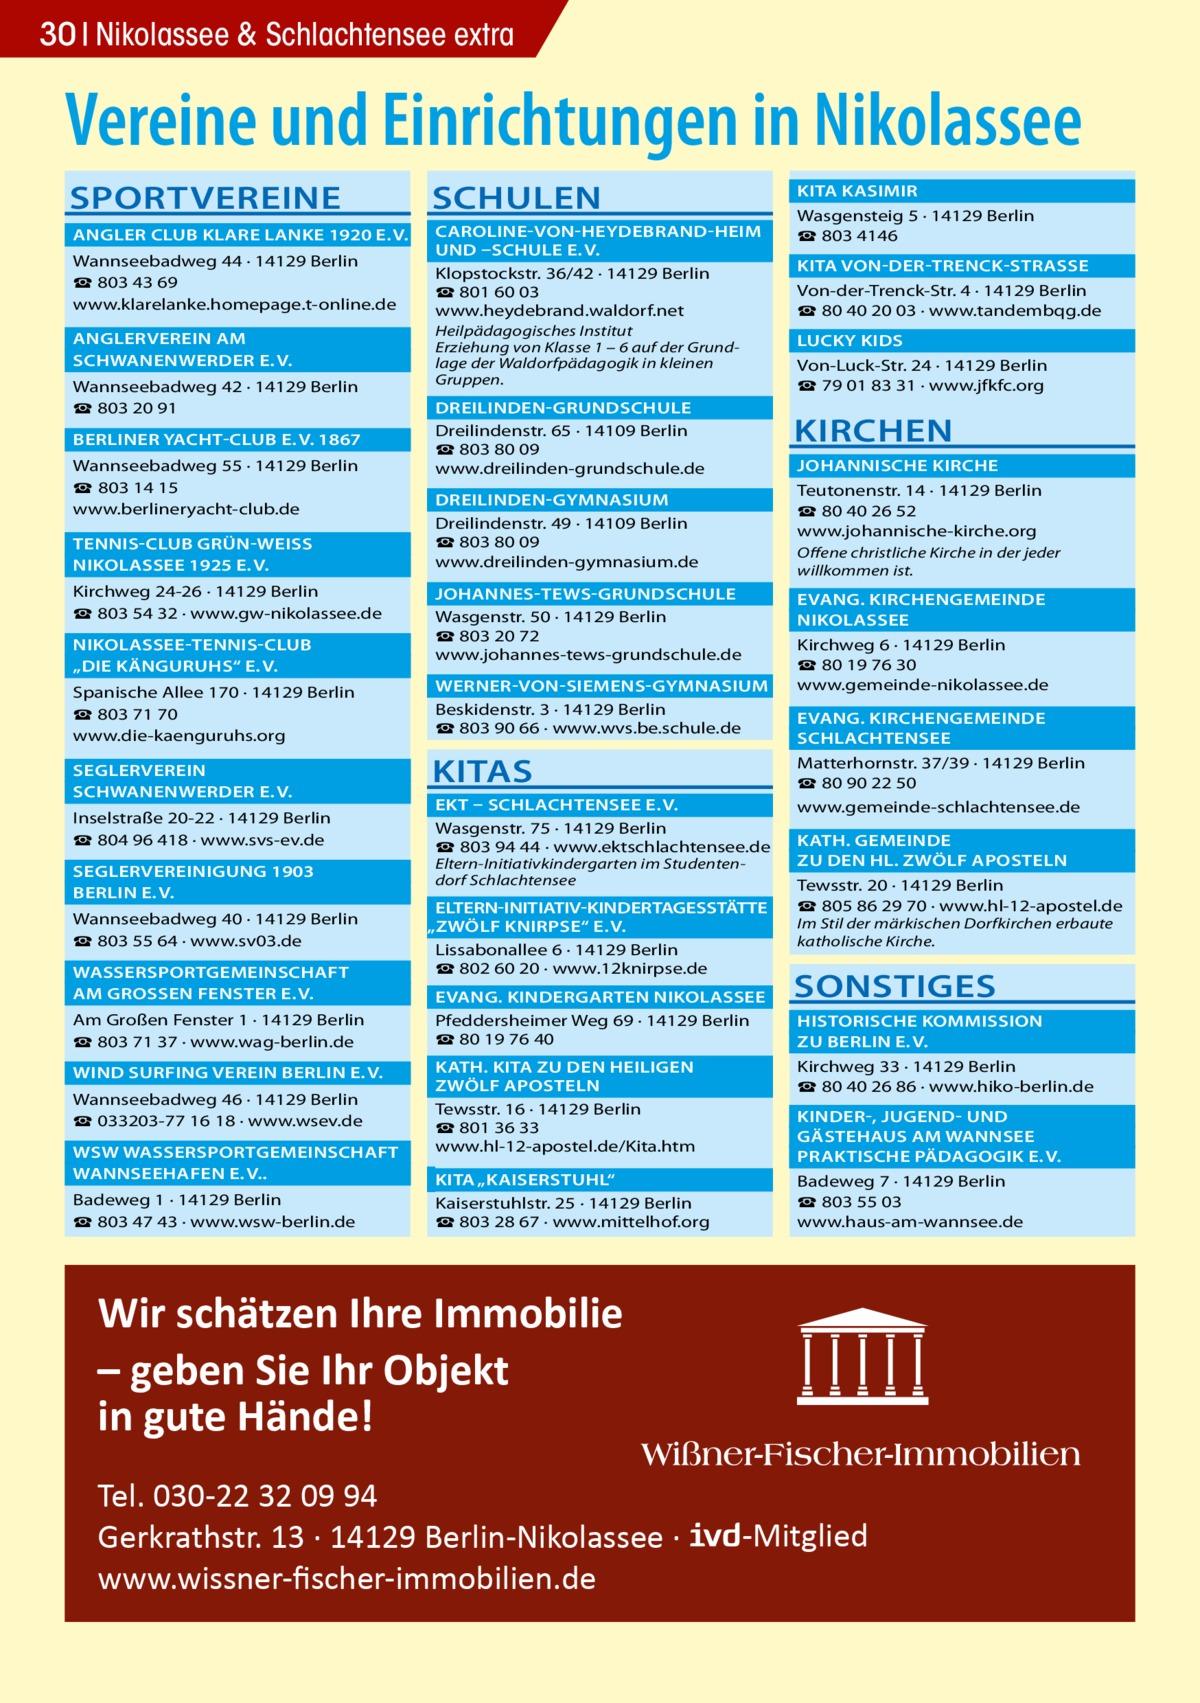 """30 Nikolassee & Schlachtensee extra  Vereine und Einrichtungen in Nikolassee SPORTVEREINE  SCHULEN   KITA KASIMIR�   ANGLER CLUB KLARE LANKE 1920 E.V.�  CAROLINE-VON-HEYDEBRAND-HEIM �  UND –SCHULE E.V. � Wannseebadweg 44 · 14129Berlin Klopstockstr.36/42 · 14129Berlin ☎ 803 43 69 ☎801 60 03 www.klarelanke.homepage.t-online.de www.heydebrand.waldorf.net  ANGLERVEREIN AM�  SCHWANENWERDER E.V.� Wannseebadweg 42 · 14129Berlin ☎ 803 20 91  BERLINER YACHT-CLUB E.V. 1867� Wannseebadweg 55 · 14129Berlin ☎ 803 14 15 www.berlineryacht-club.de  TENNIS-CLUB GRÜN-WEISS �  NIKOLASSEE 1925 E.V.� Kirchweg 24-26 · 14129Berlin ☎ 803 54 32 · www.gw-nikolassee.de  NIKOLASSEE-TENNIS-CLUB �  """"DIE KÄNGURUHS"""" E.V.� Spanische Allee 170 · 14129Berlin ☎803 71 70 www.die-kaenguruhs.org SEGLERVEREIN�  SCHWANENWERDER E.V.� Inselstraße20-22 · 14129Berlin ☎804 96 418 · www.svs-ev.de  SEGLERVEREINIGUNG 1903 �  BERLIN E.V.� Wannseebadweg 40 · 14129Berlin ☎803 55 64 · www.sv03.de  WASSERSPORTGEMEINSCHAFT �  AM GROSSEN FENSTER E.V.� Am Großen Fenster 1 · 14129Berlin ☎803 71 37 · www.wag-berlin.de  WIND SURFING VEREIN BERLIN E.V.� Wannseebadweg 46 · 14129Berlin ☎033203-77 16 18 · www.wsev.de  WSW WASSERSPORTGEMEINSCHAFT �  WANNSEEHAFEN E.V..� Badeweg 1 · 14129Berlin ☎803 47 43 · www.wsw-berlin.de  Heilpädagogisches Institut Erziehung von Klasse 1 – 6 auf der Grundlage der Waldorfpädagogik in kleinen Gruppen.  Wasgensteig 5 · 14129Berlin ☎803 4146  KITA VON-DER-TRENCK-STRASSE � Von-der-Trenck-Str.4 · 14129Berlin ☎80 40 20 03 · www.tandembqg.de  LUCKY KIDS� Von-Luck-Str.24 · 14129Berlin ☎79 01 83 31 · www.jfkfc.org  DREILINDEN-GRUNDSCHULE� Dreilindenstr.65 · 14109Berlin ☎803 80 09 www.dreilinden-grundschule.de  KIRCHEN  JOHANNISCHE KIRCHE � Teutonenstr.14 · 14129Berlin ☎ 80 40 26 52 www.johannische-kirche.org  DREILINDEN-GYMNASIUM� Dreilindenstr.49 · 14109Berlin ☎803 80 09 www.dreilinden-gymnasium.de  Offene christliche Kirche in der jeder willkommen ist.   JOHANNES-TEWS-GRUNDSCHULE � Wasgenstr.50 · 14129"""